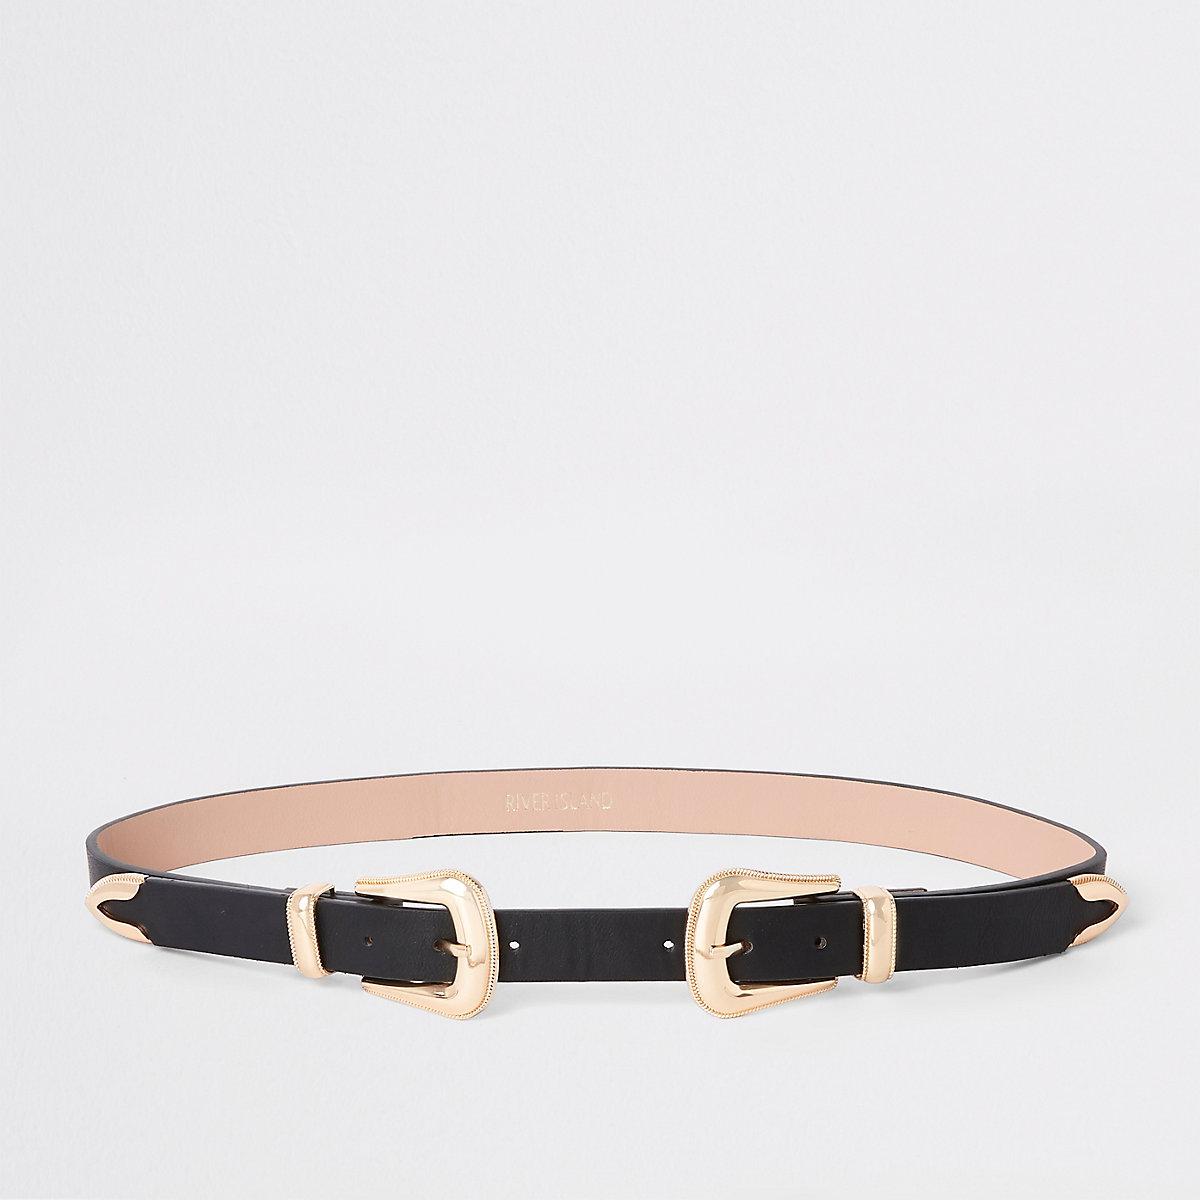 Black western double buckle belt